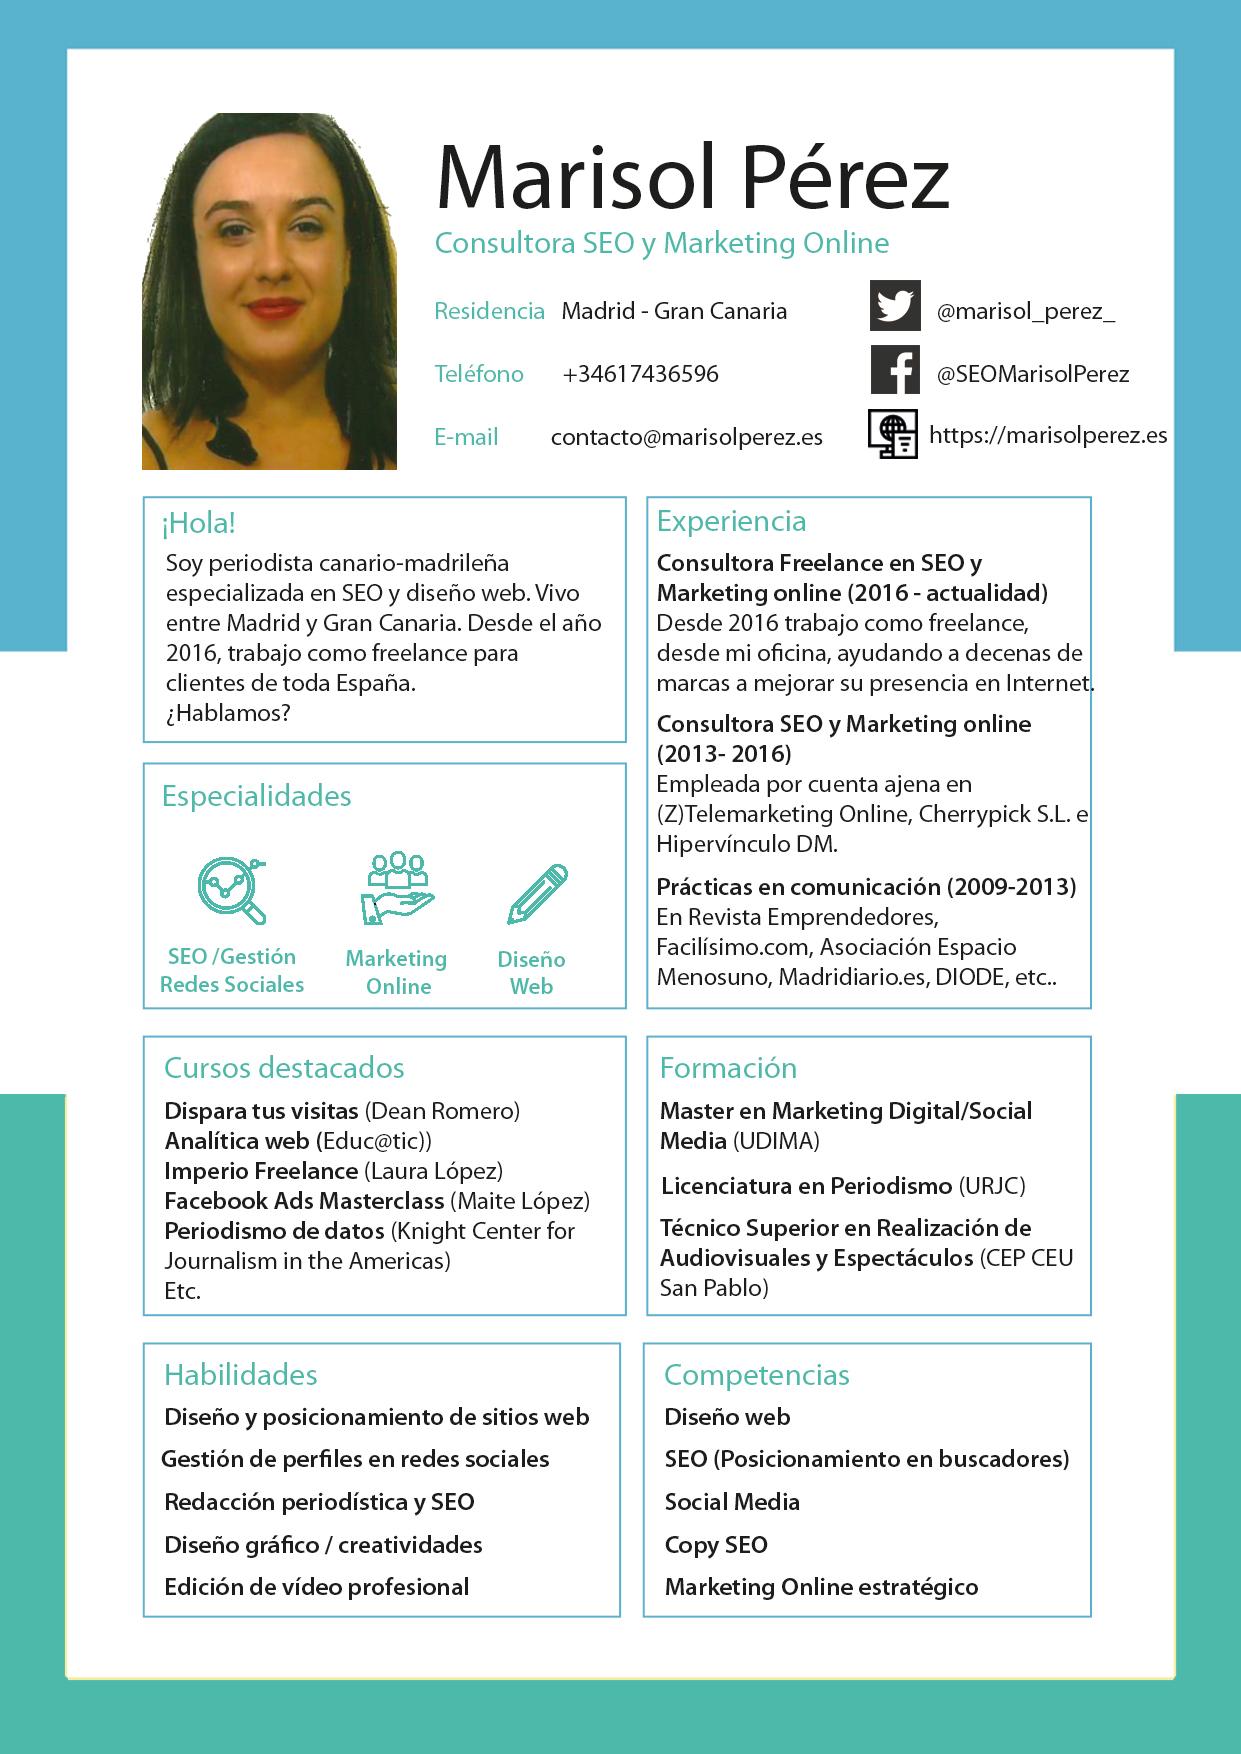 Curriculum_2019_Marisol_Perez_SEO